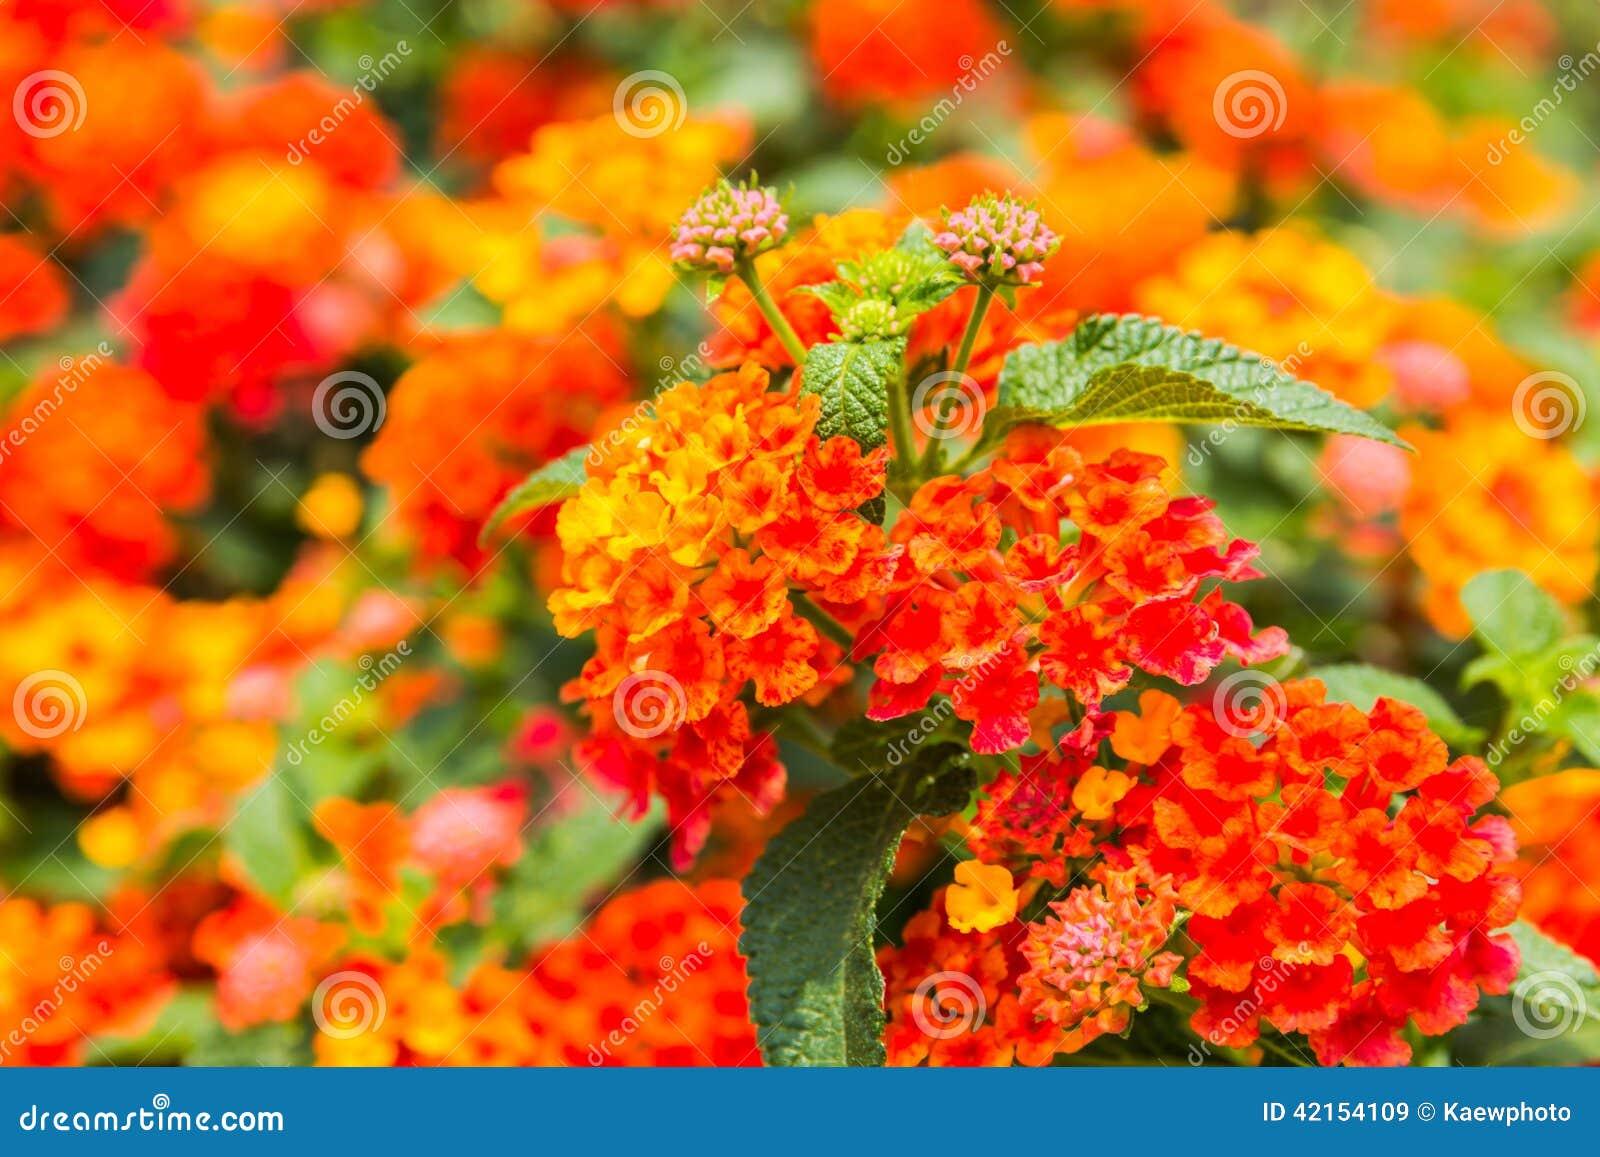 Schöne Bunte Hecken Blume Weinender Lantana Stockfoto Bild